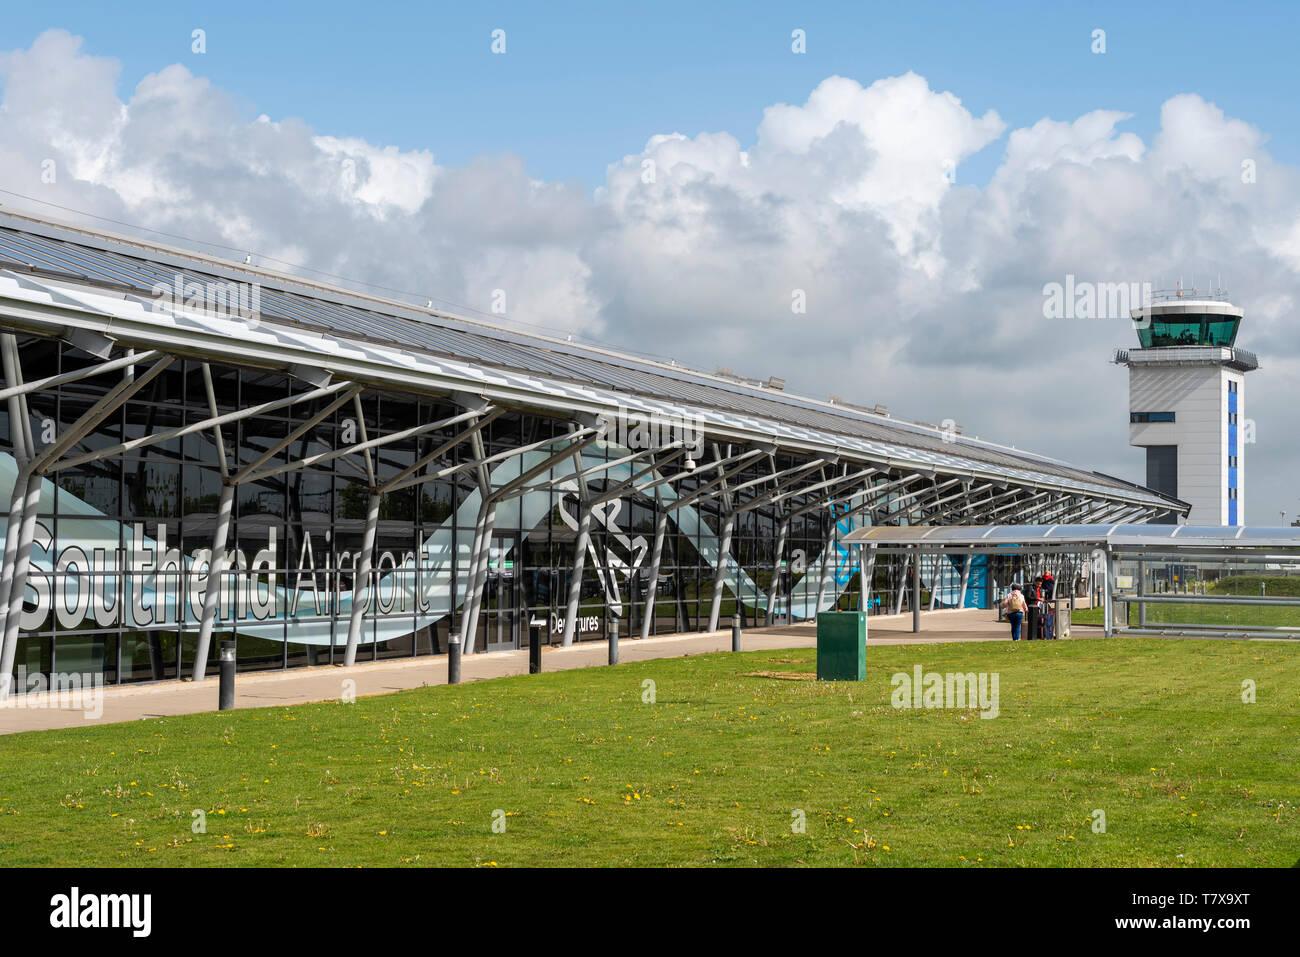 London Luton Airport terminal Building und Air Traffic Control Tower, Southend On Sea, Essex, Großbritannien. Platz für Kopie Stockfoto